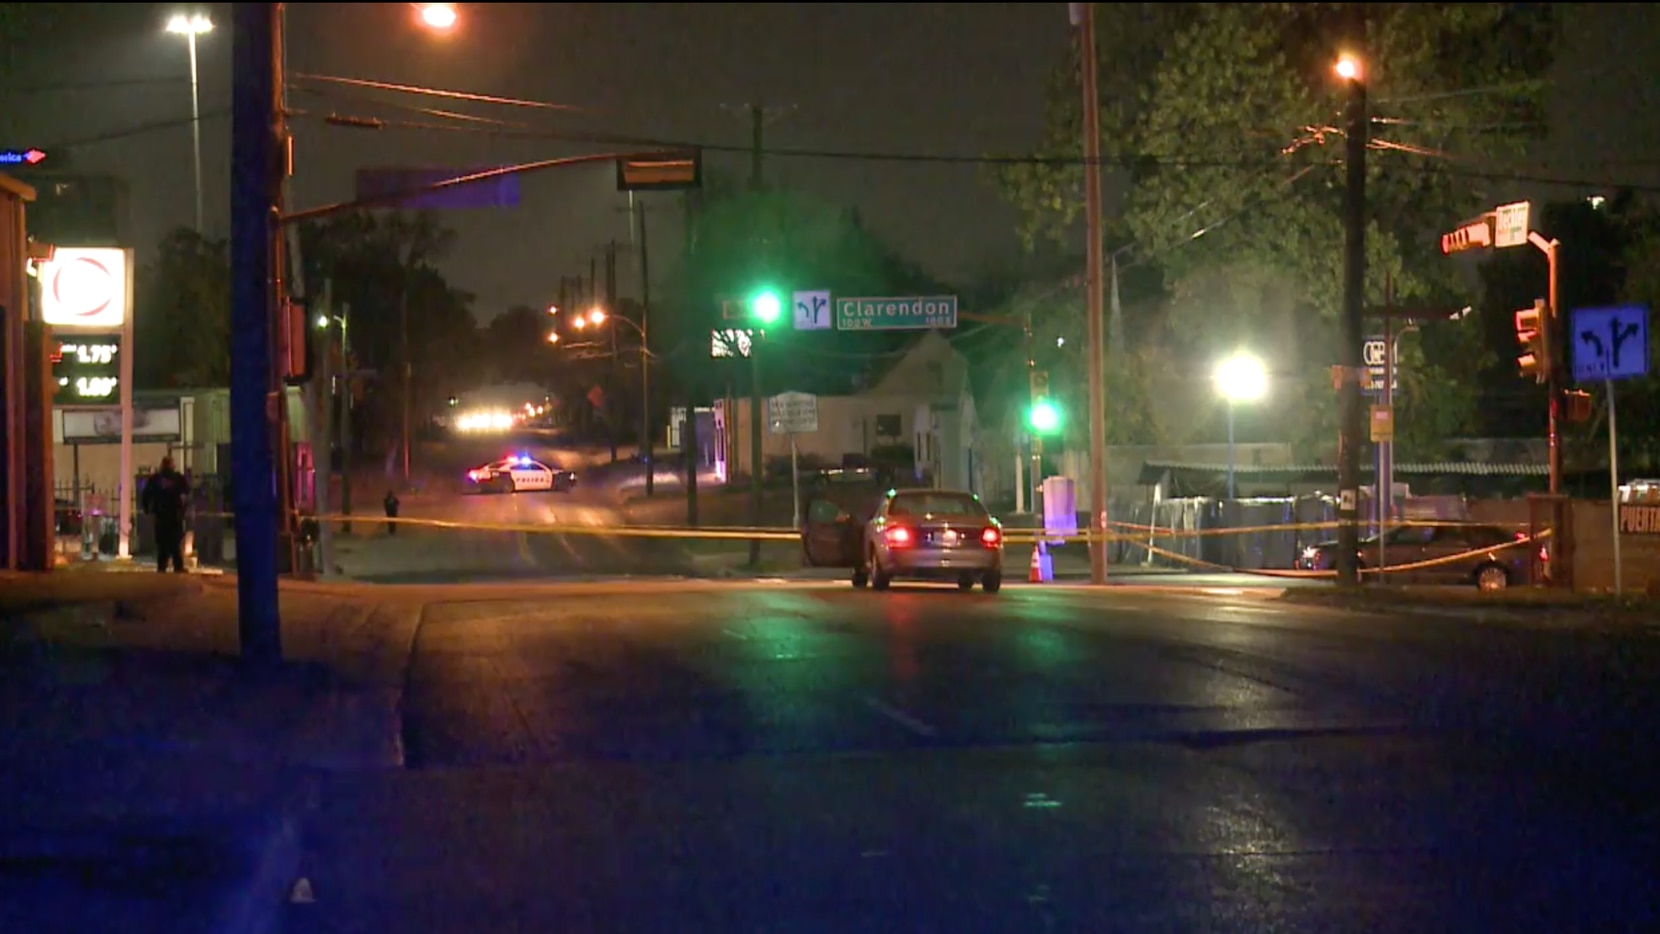 Cinta policial acordona la escena de un crime el sábado 14 de noviembre de 2020 en East Oak Cliff.